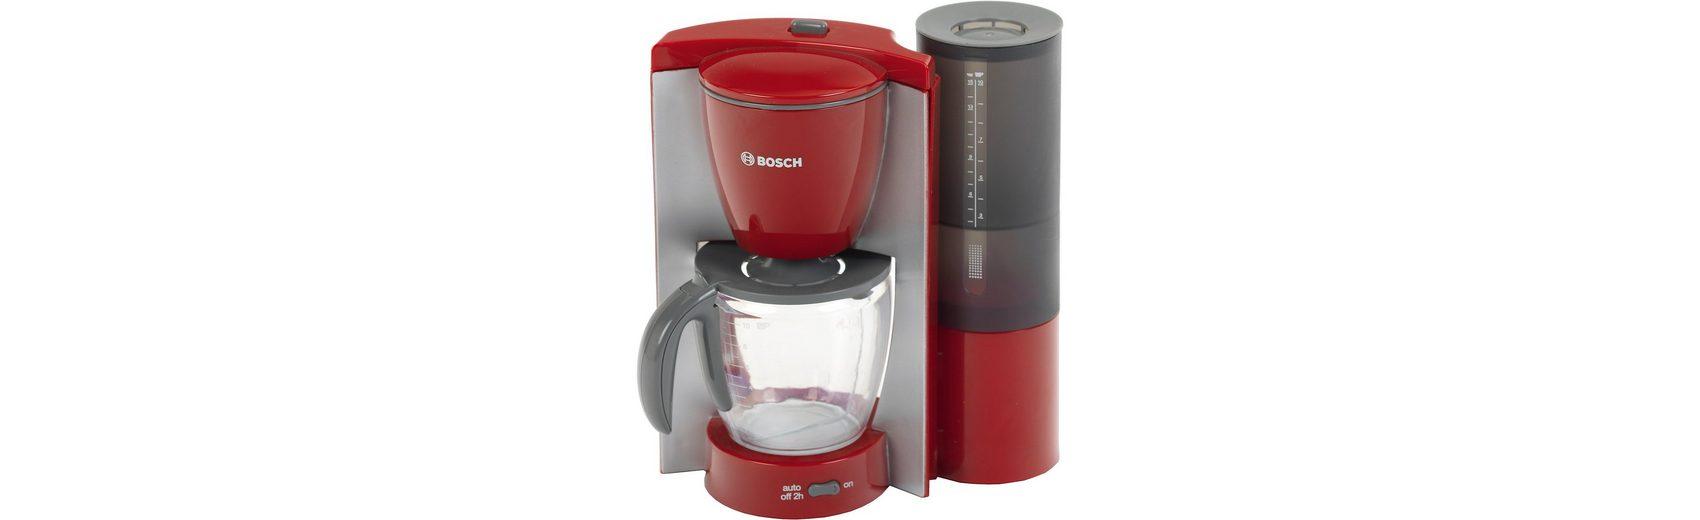 Klein BOSCH Kaffeemaschine